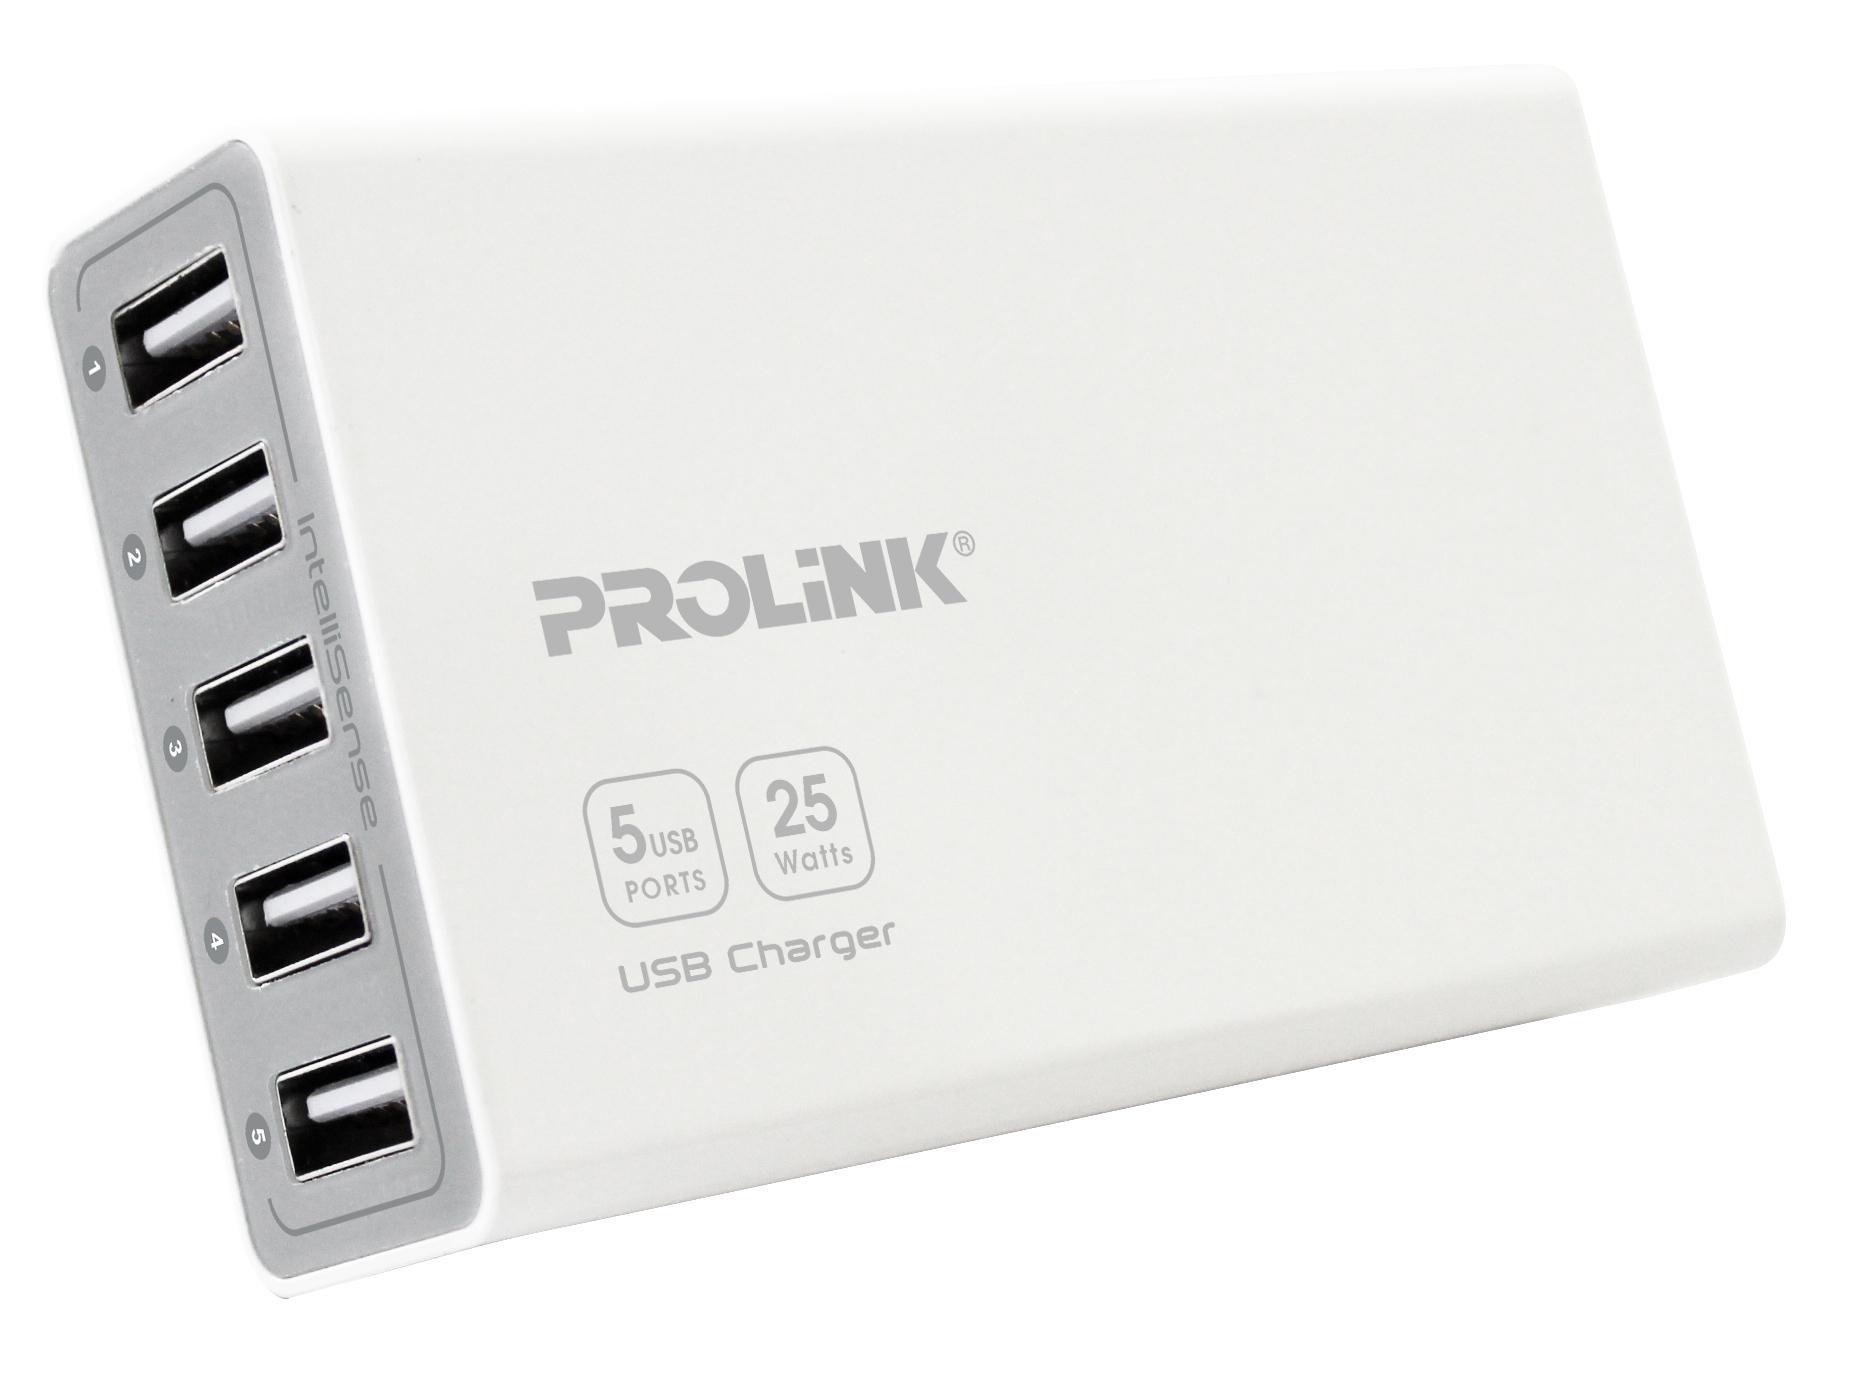 Giá bán Sạc 5 cổng USB – PROLINK PCU5051 (Trắng)- Hãng phân phối chính thức